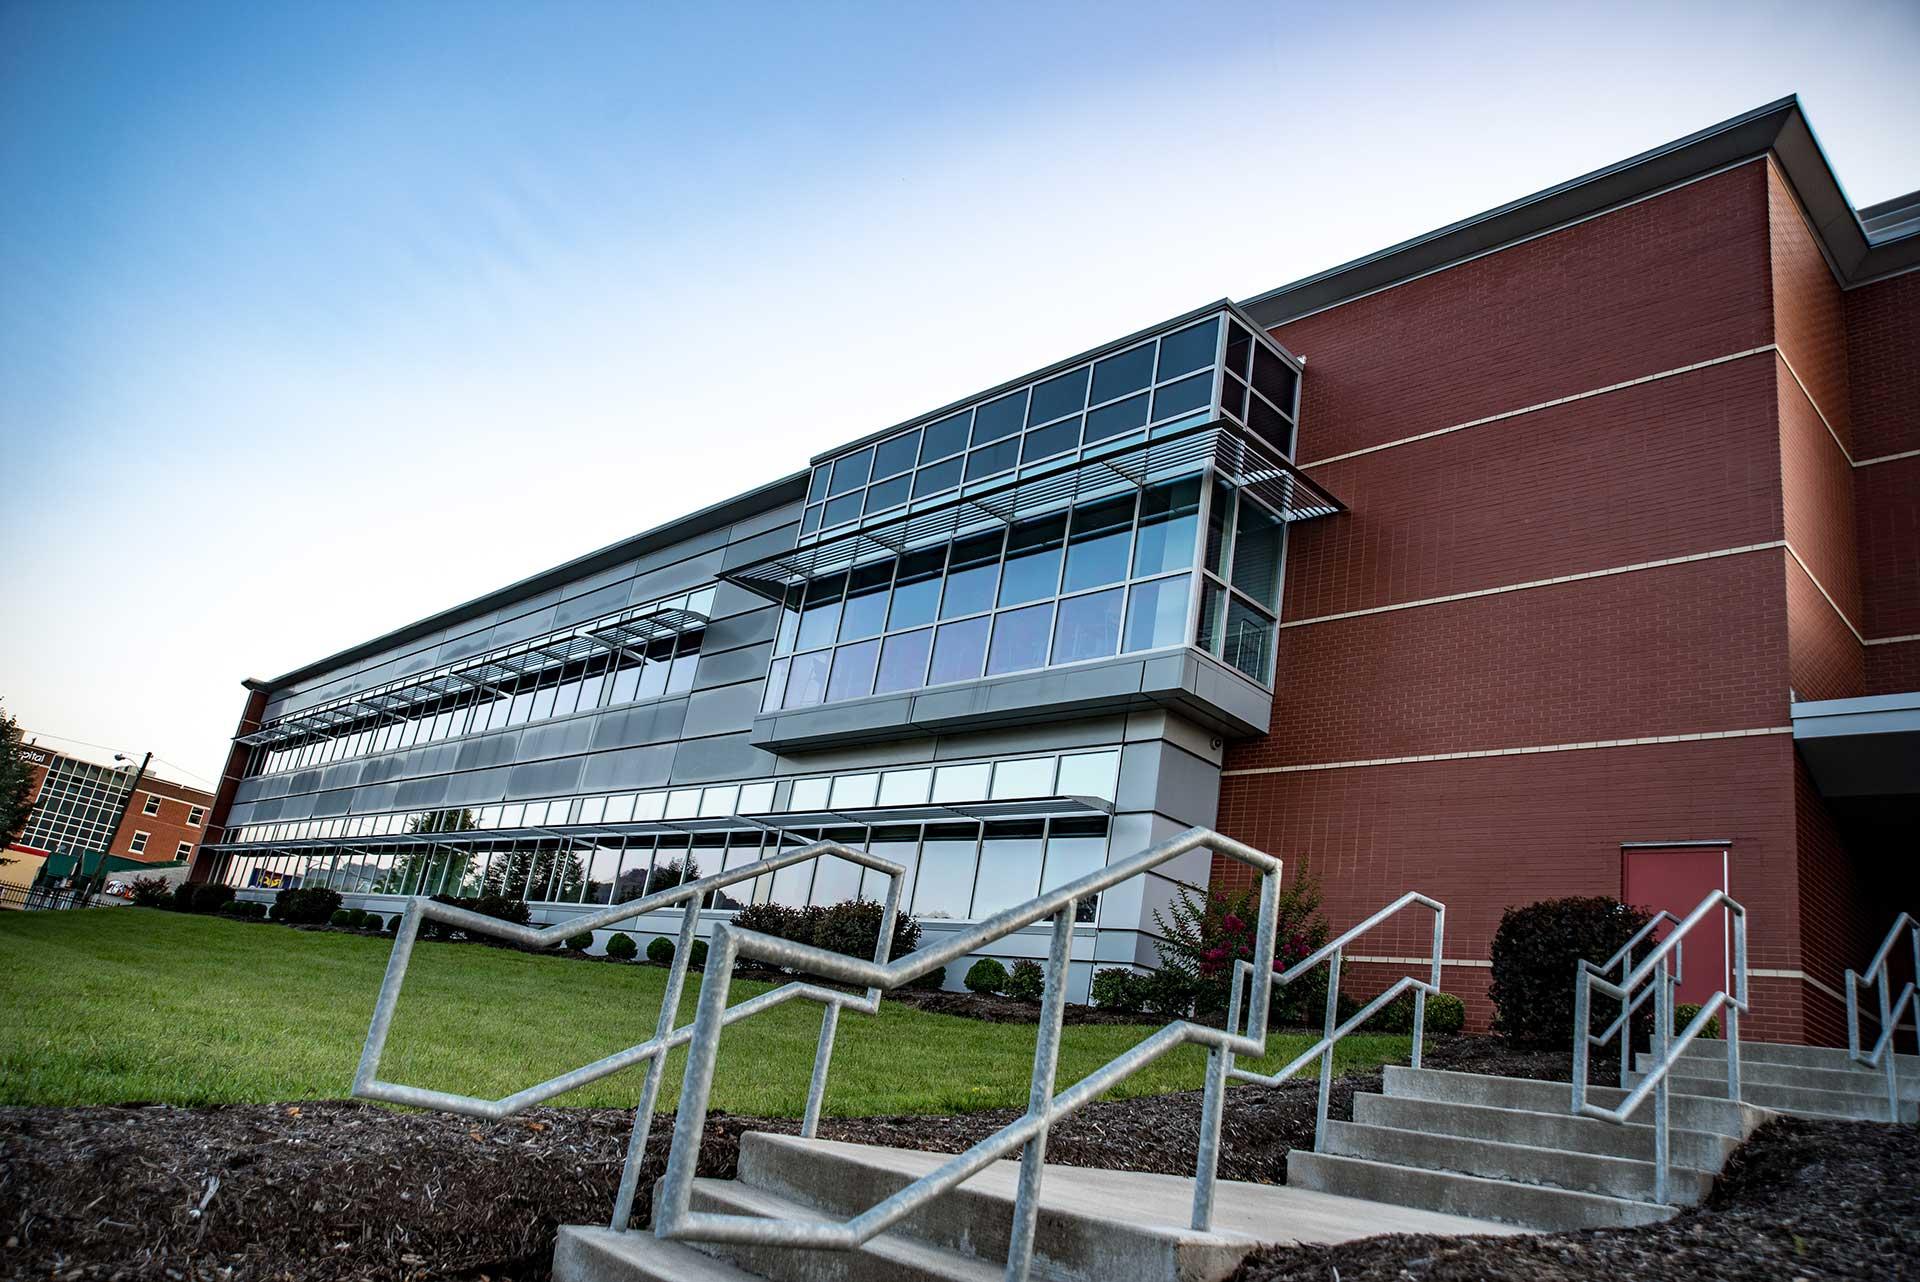 West Virginia Housing Development Fund Kalkreuth Roofing